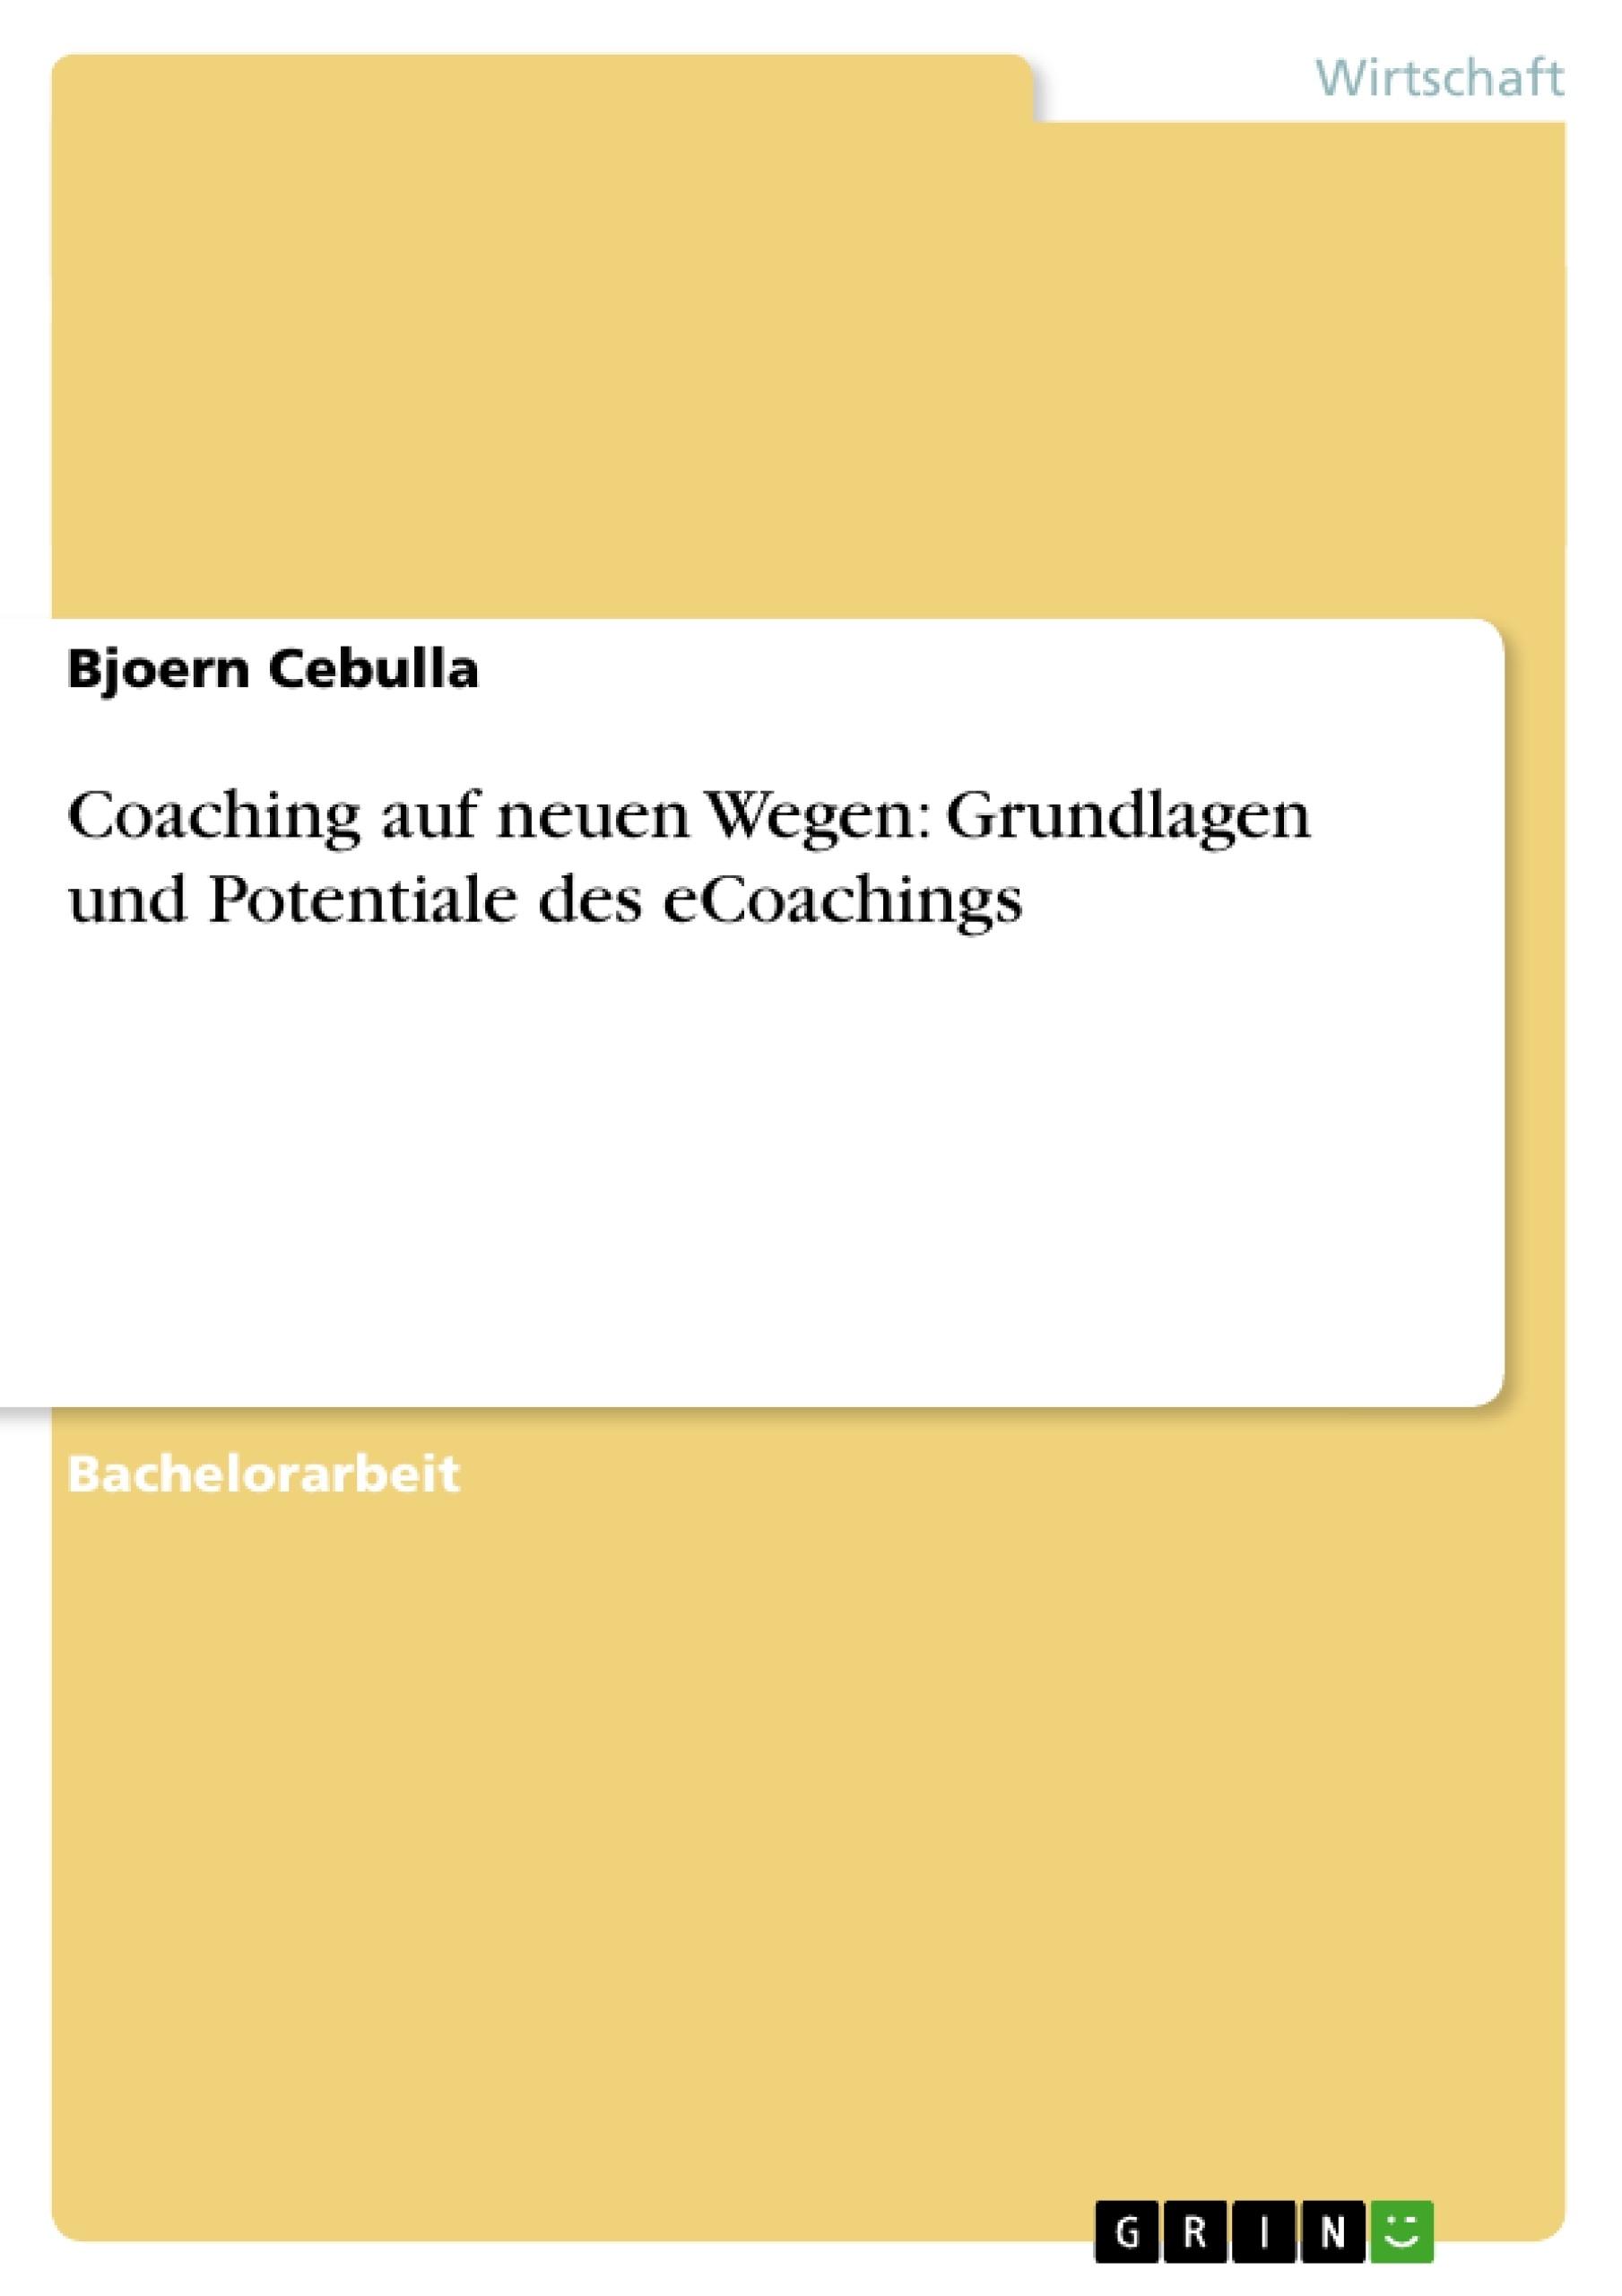 Titel: Coaching auf neuen Wegen: Grundlagen und Potentiale des eCoachings